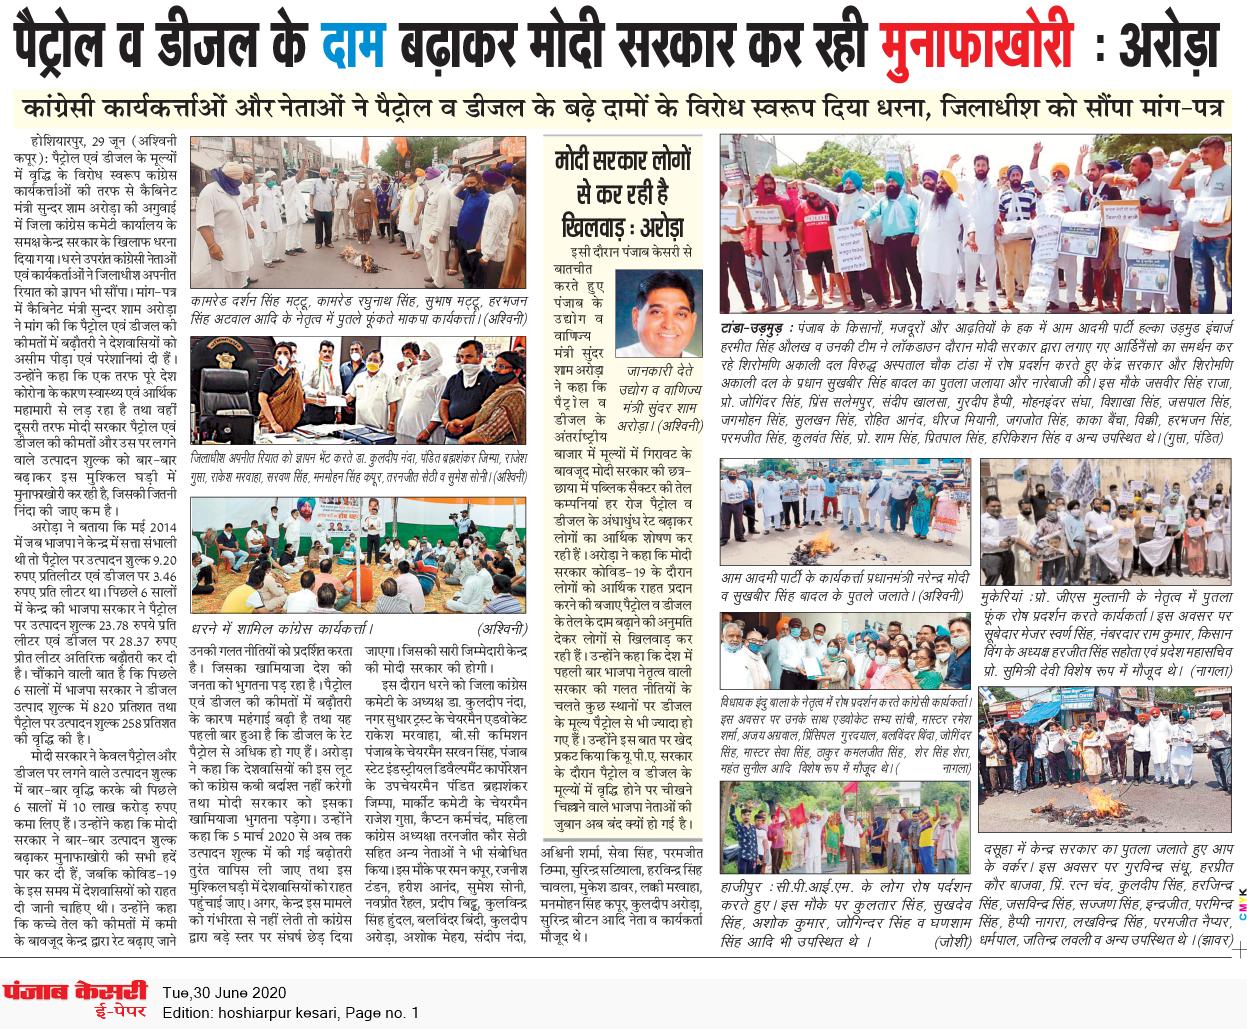 Hoshiarpur Kesari 6/30/2020 12:00:00 AM